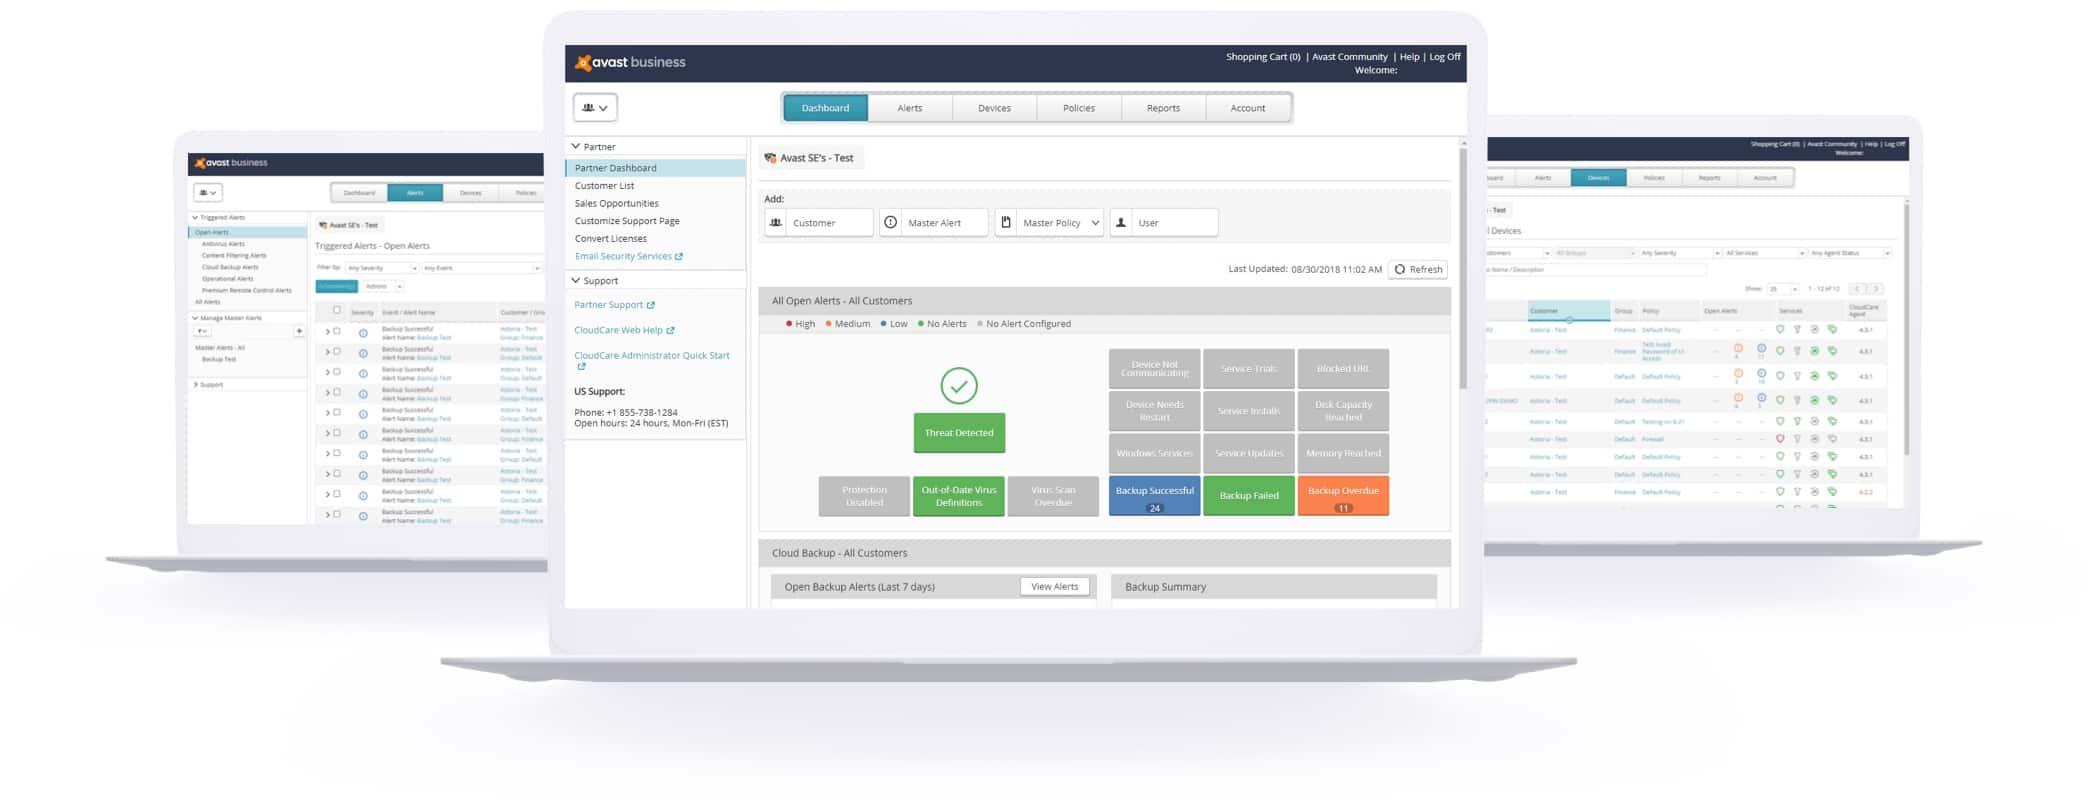 Una plataforma de seguridad moderna debe ofrecer una interfaz de usuario intuitiva.